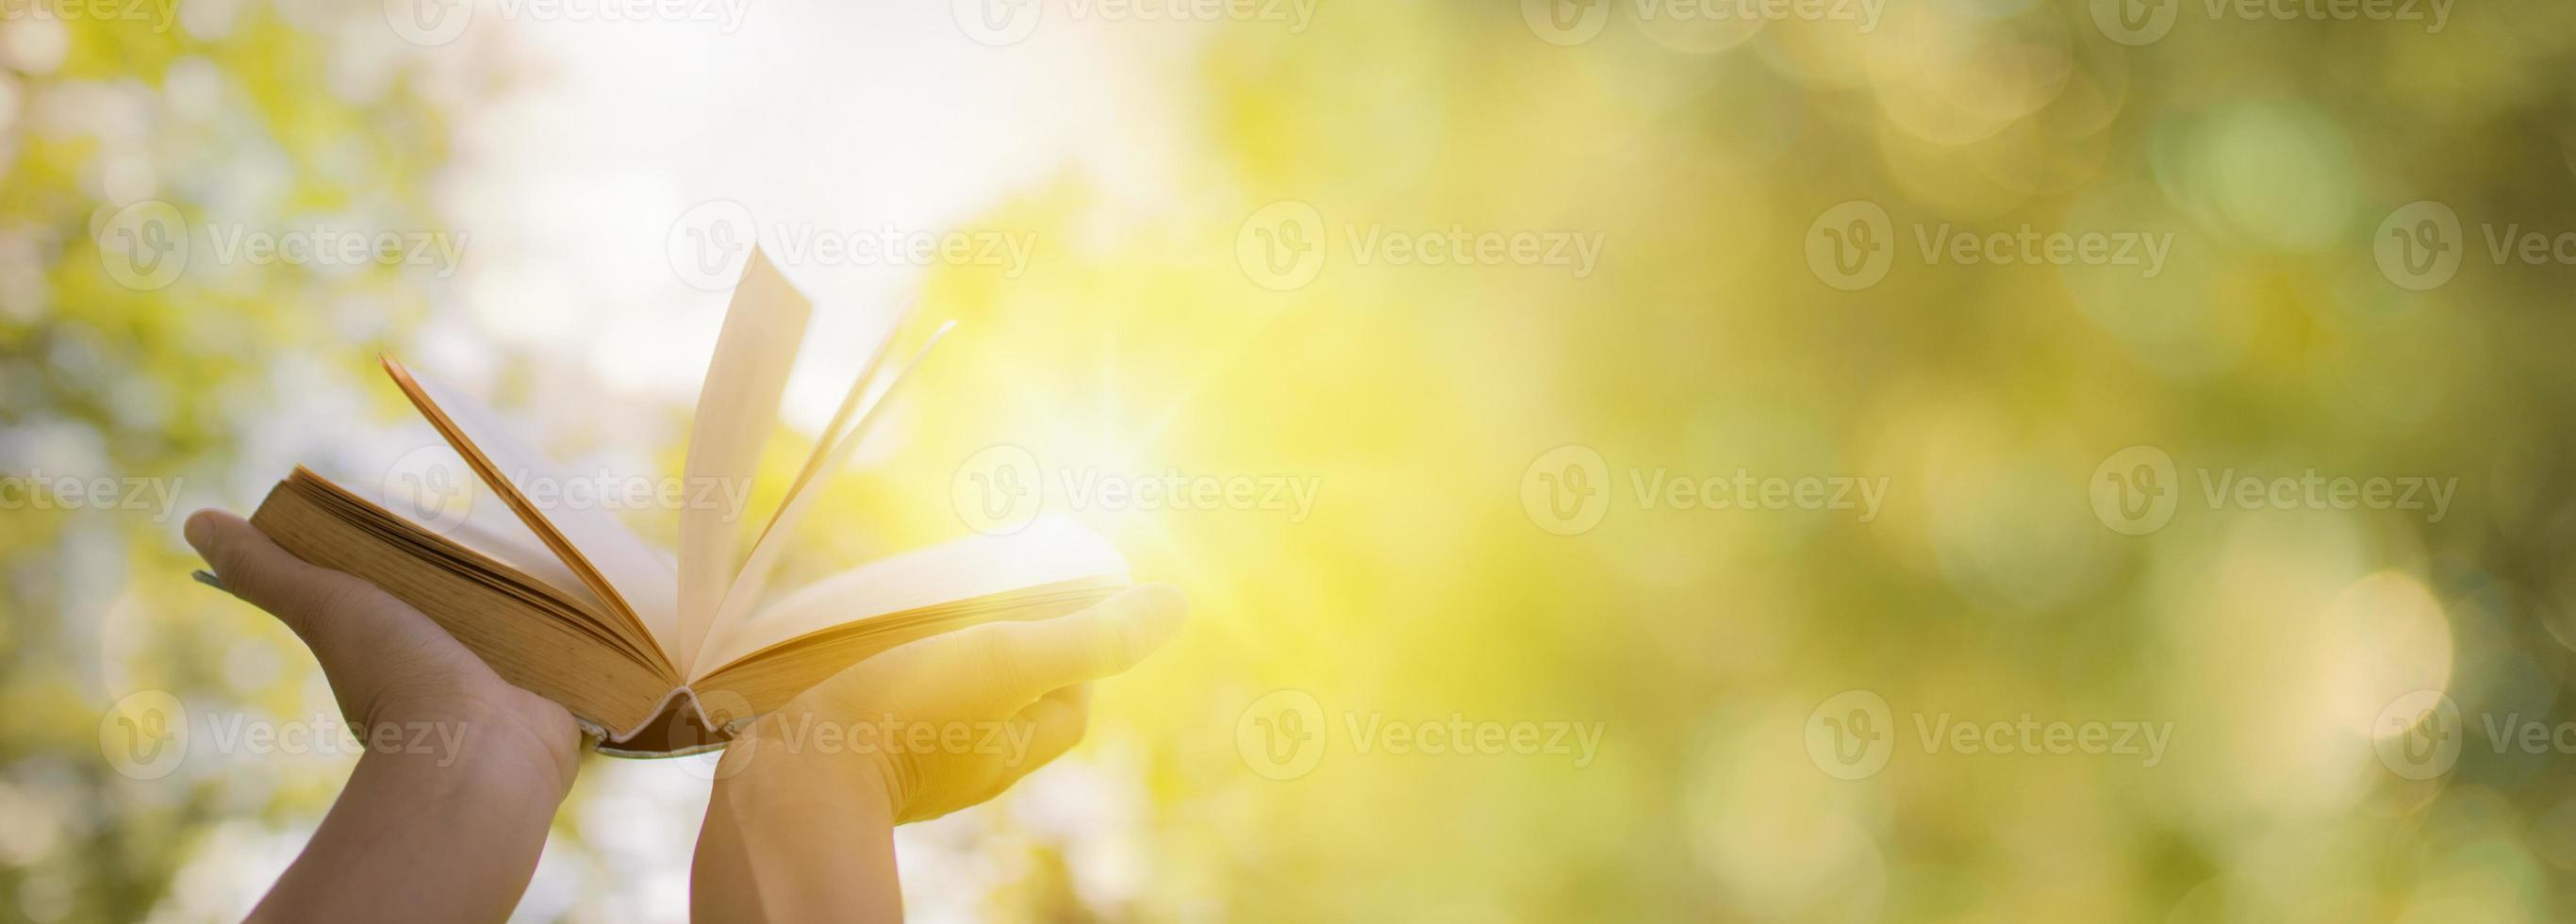 pessoa segurando um livro ao sol foto